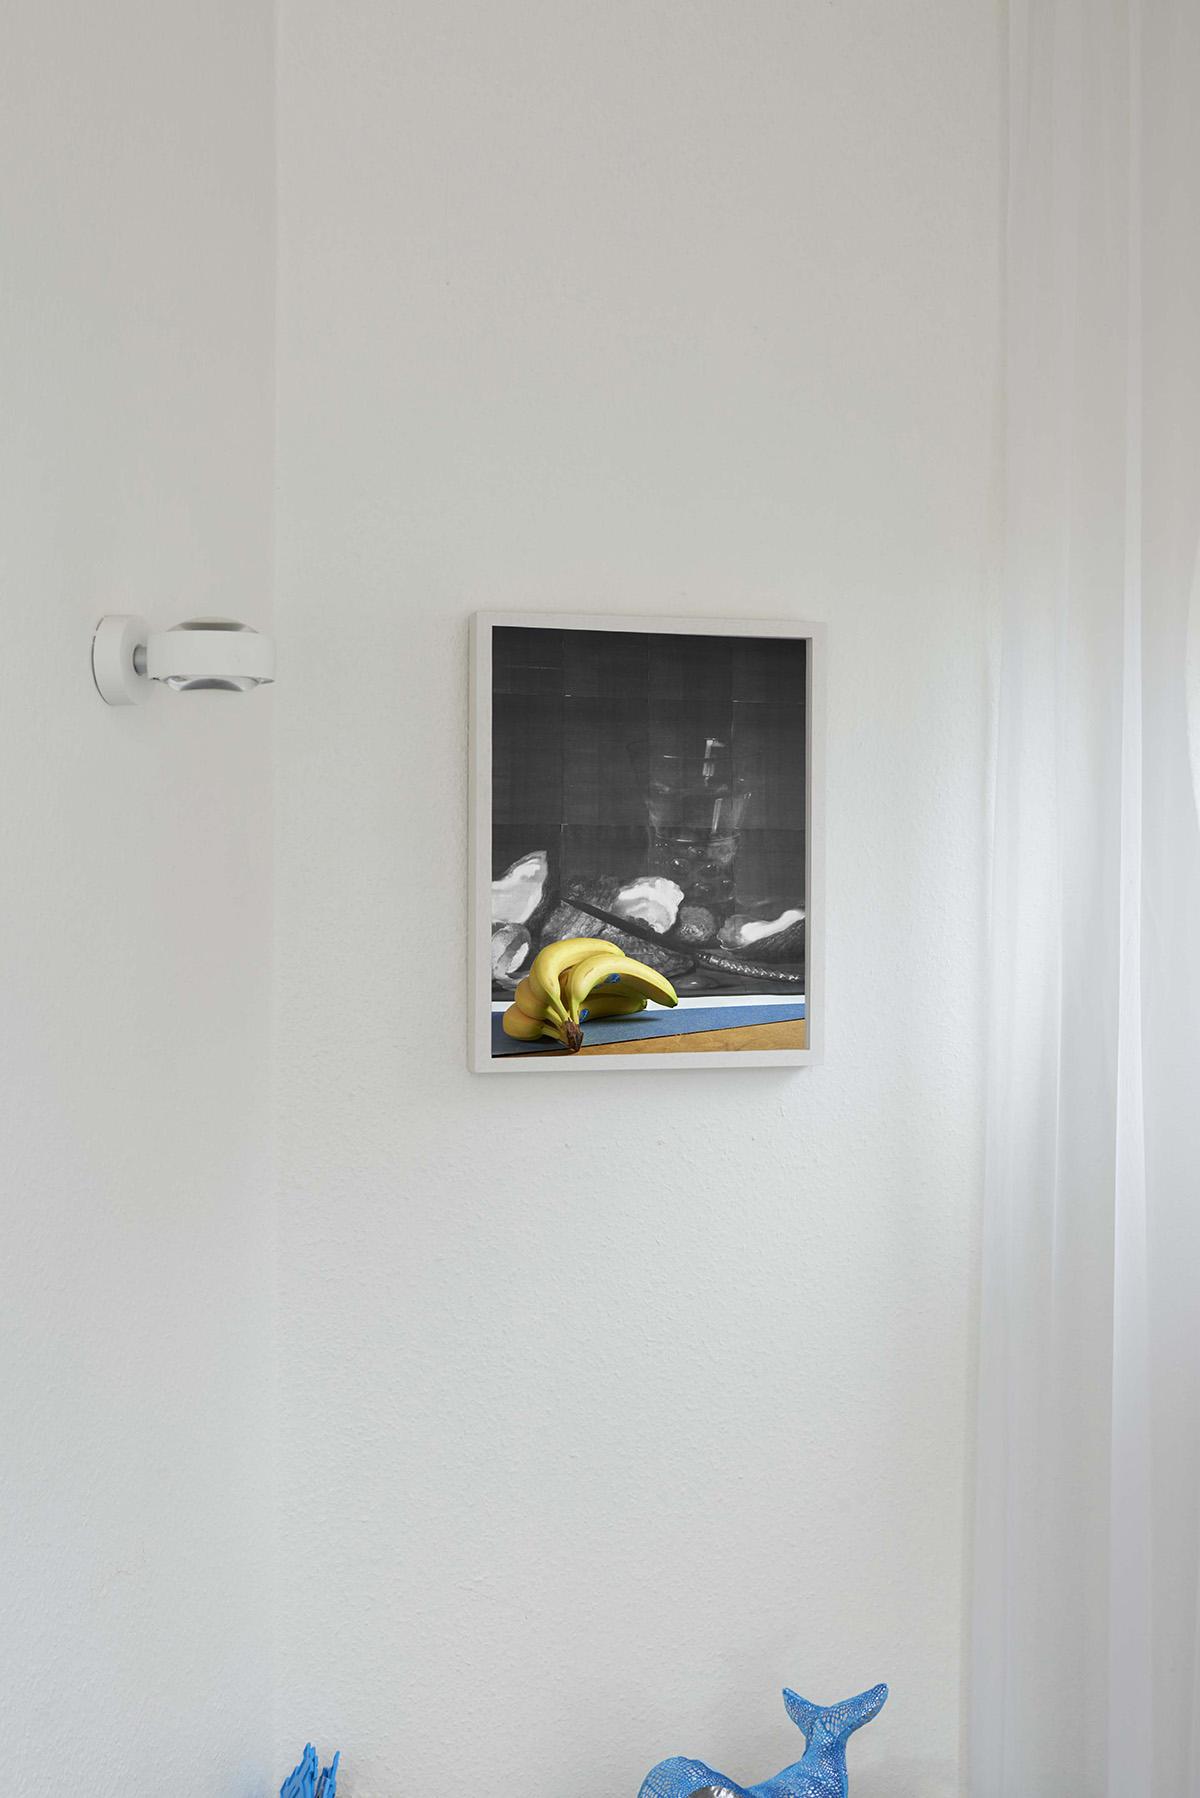 Pio Rahner, 2020, 2019, zeitgenössische Fotografie, Bremen, Oberneuland, Praxis Van den Busch